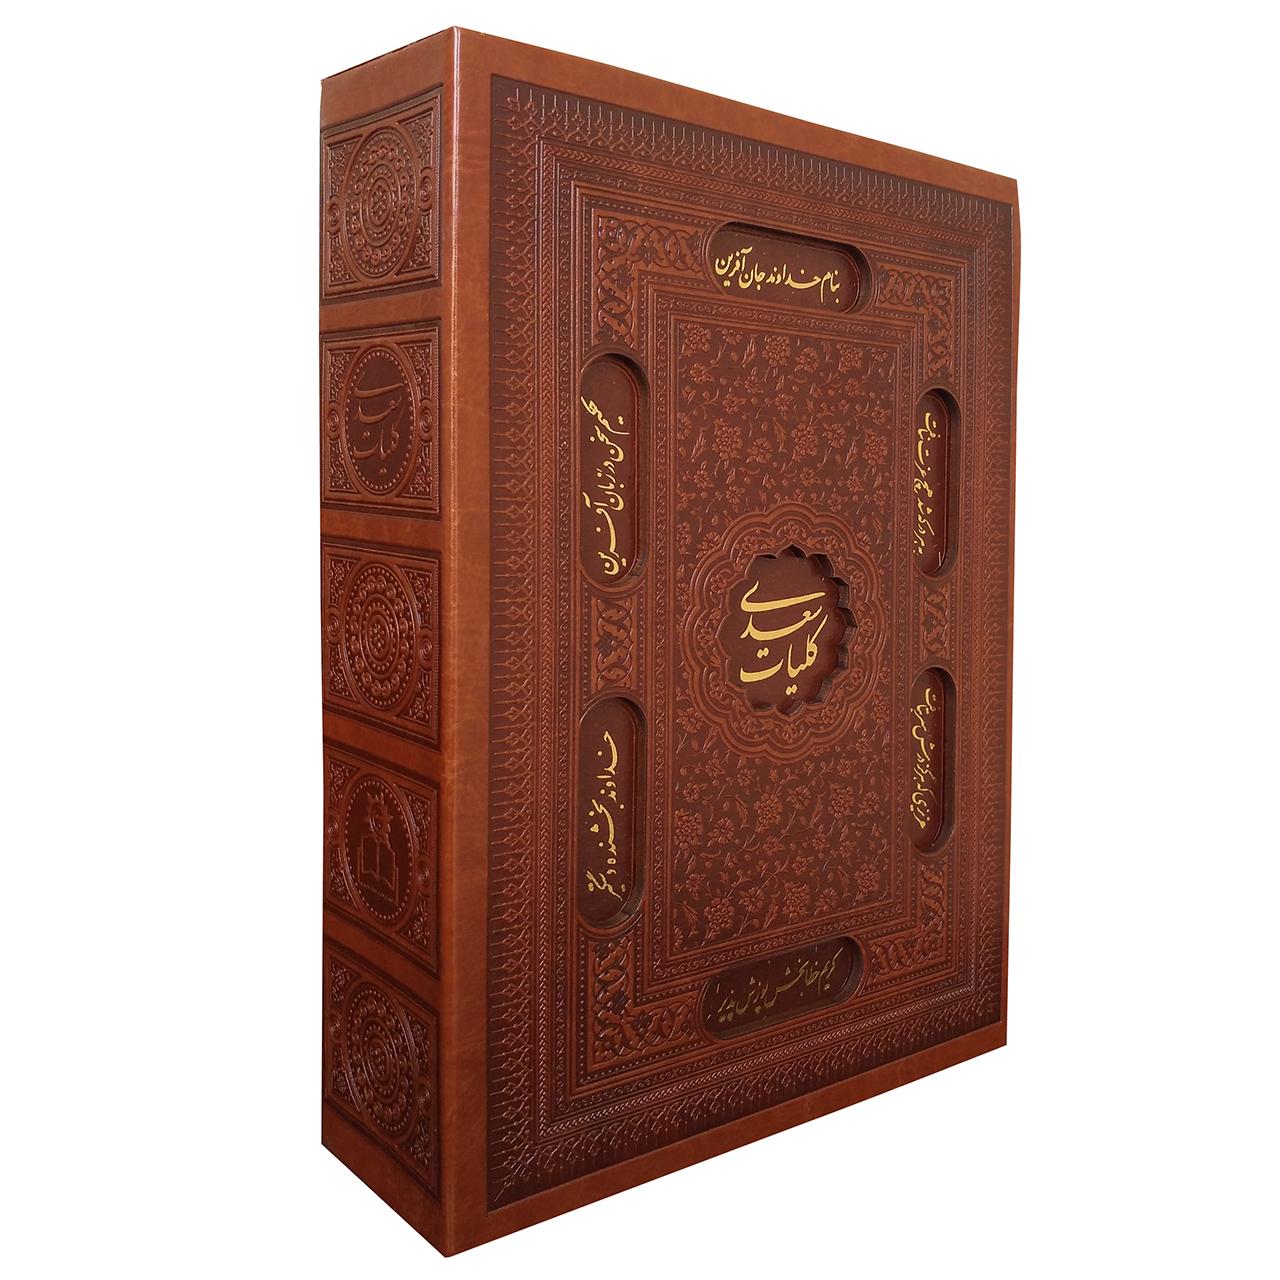 کتاب کلیات سعدی اثر سعدی شیرازی انتشارات پیام عدالت